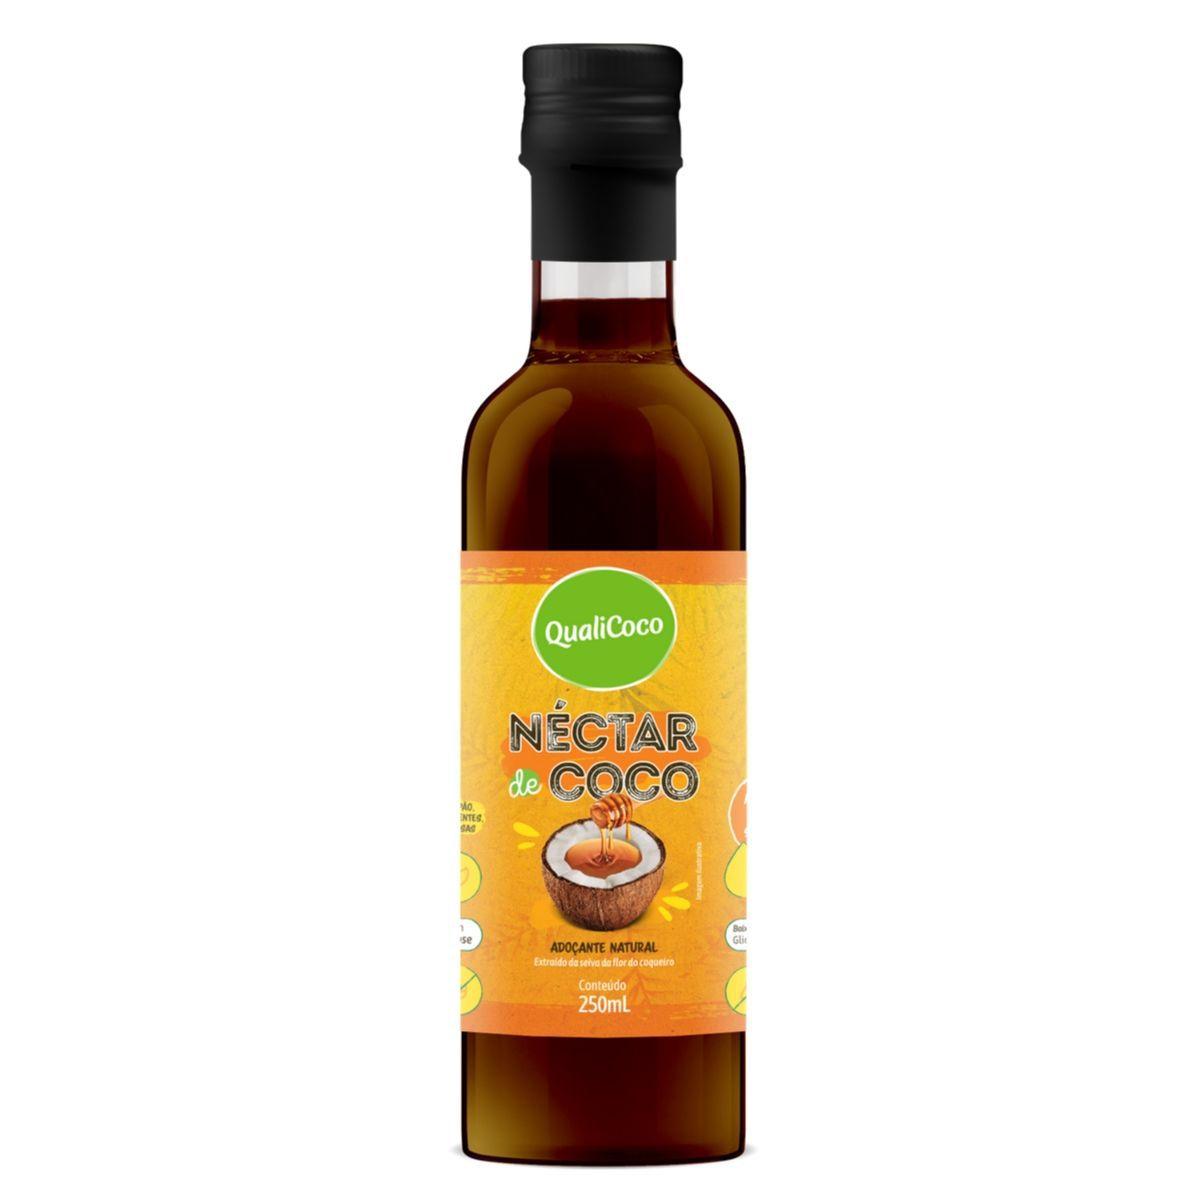 Néctar de Coco Adoçante Natural 250ml - QualiCoco